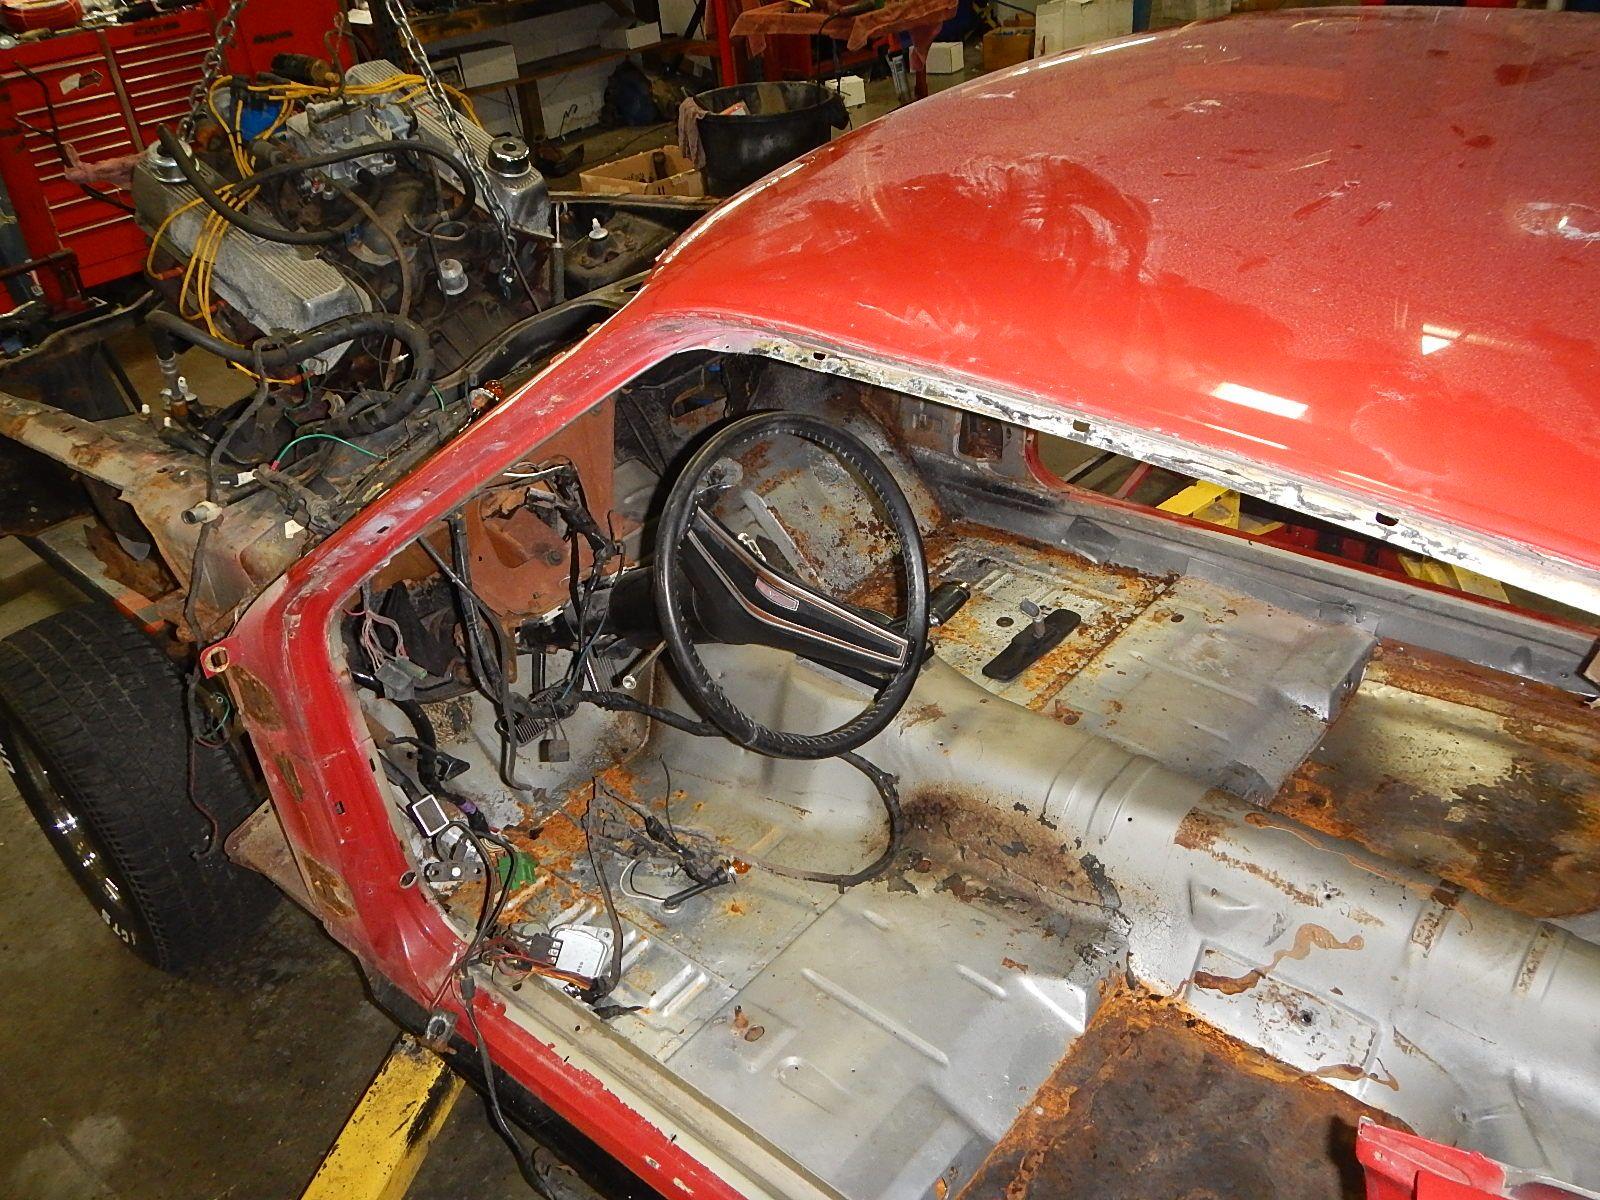 1971 Mustang 351 Restoration 158.jpg